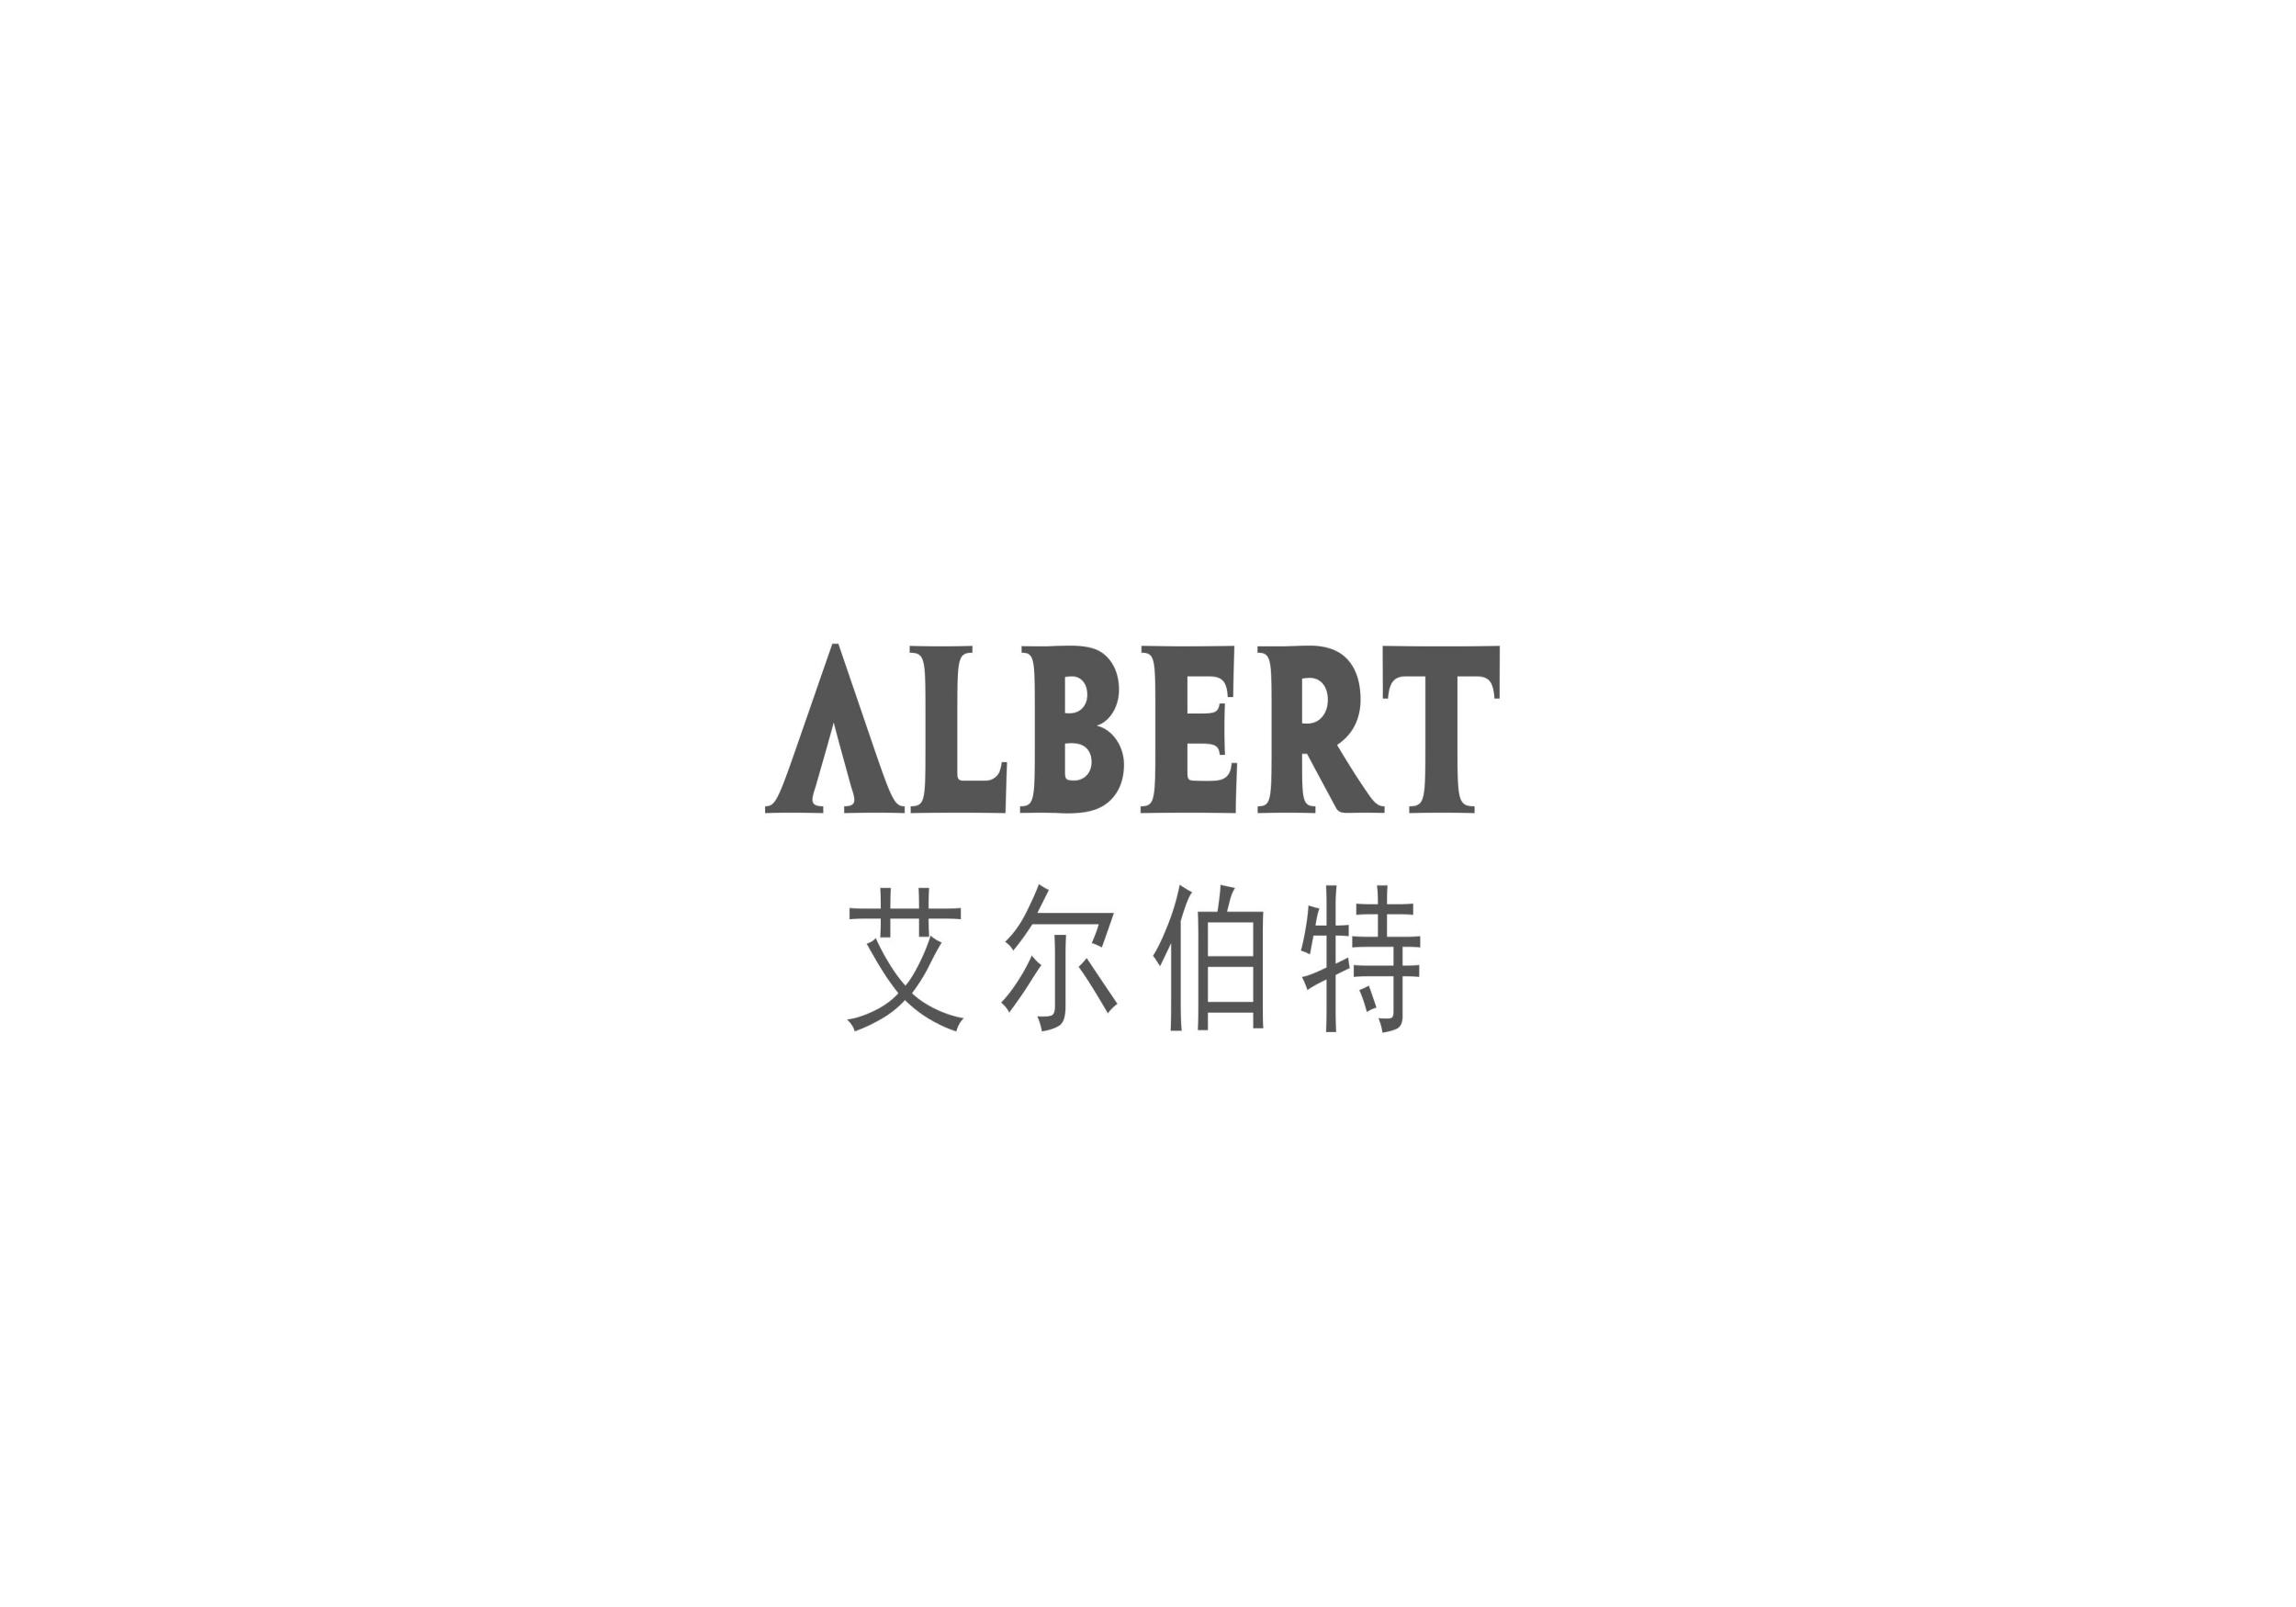 艾尔伯特科贸(北京)有限公司5